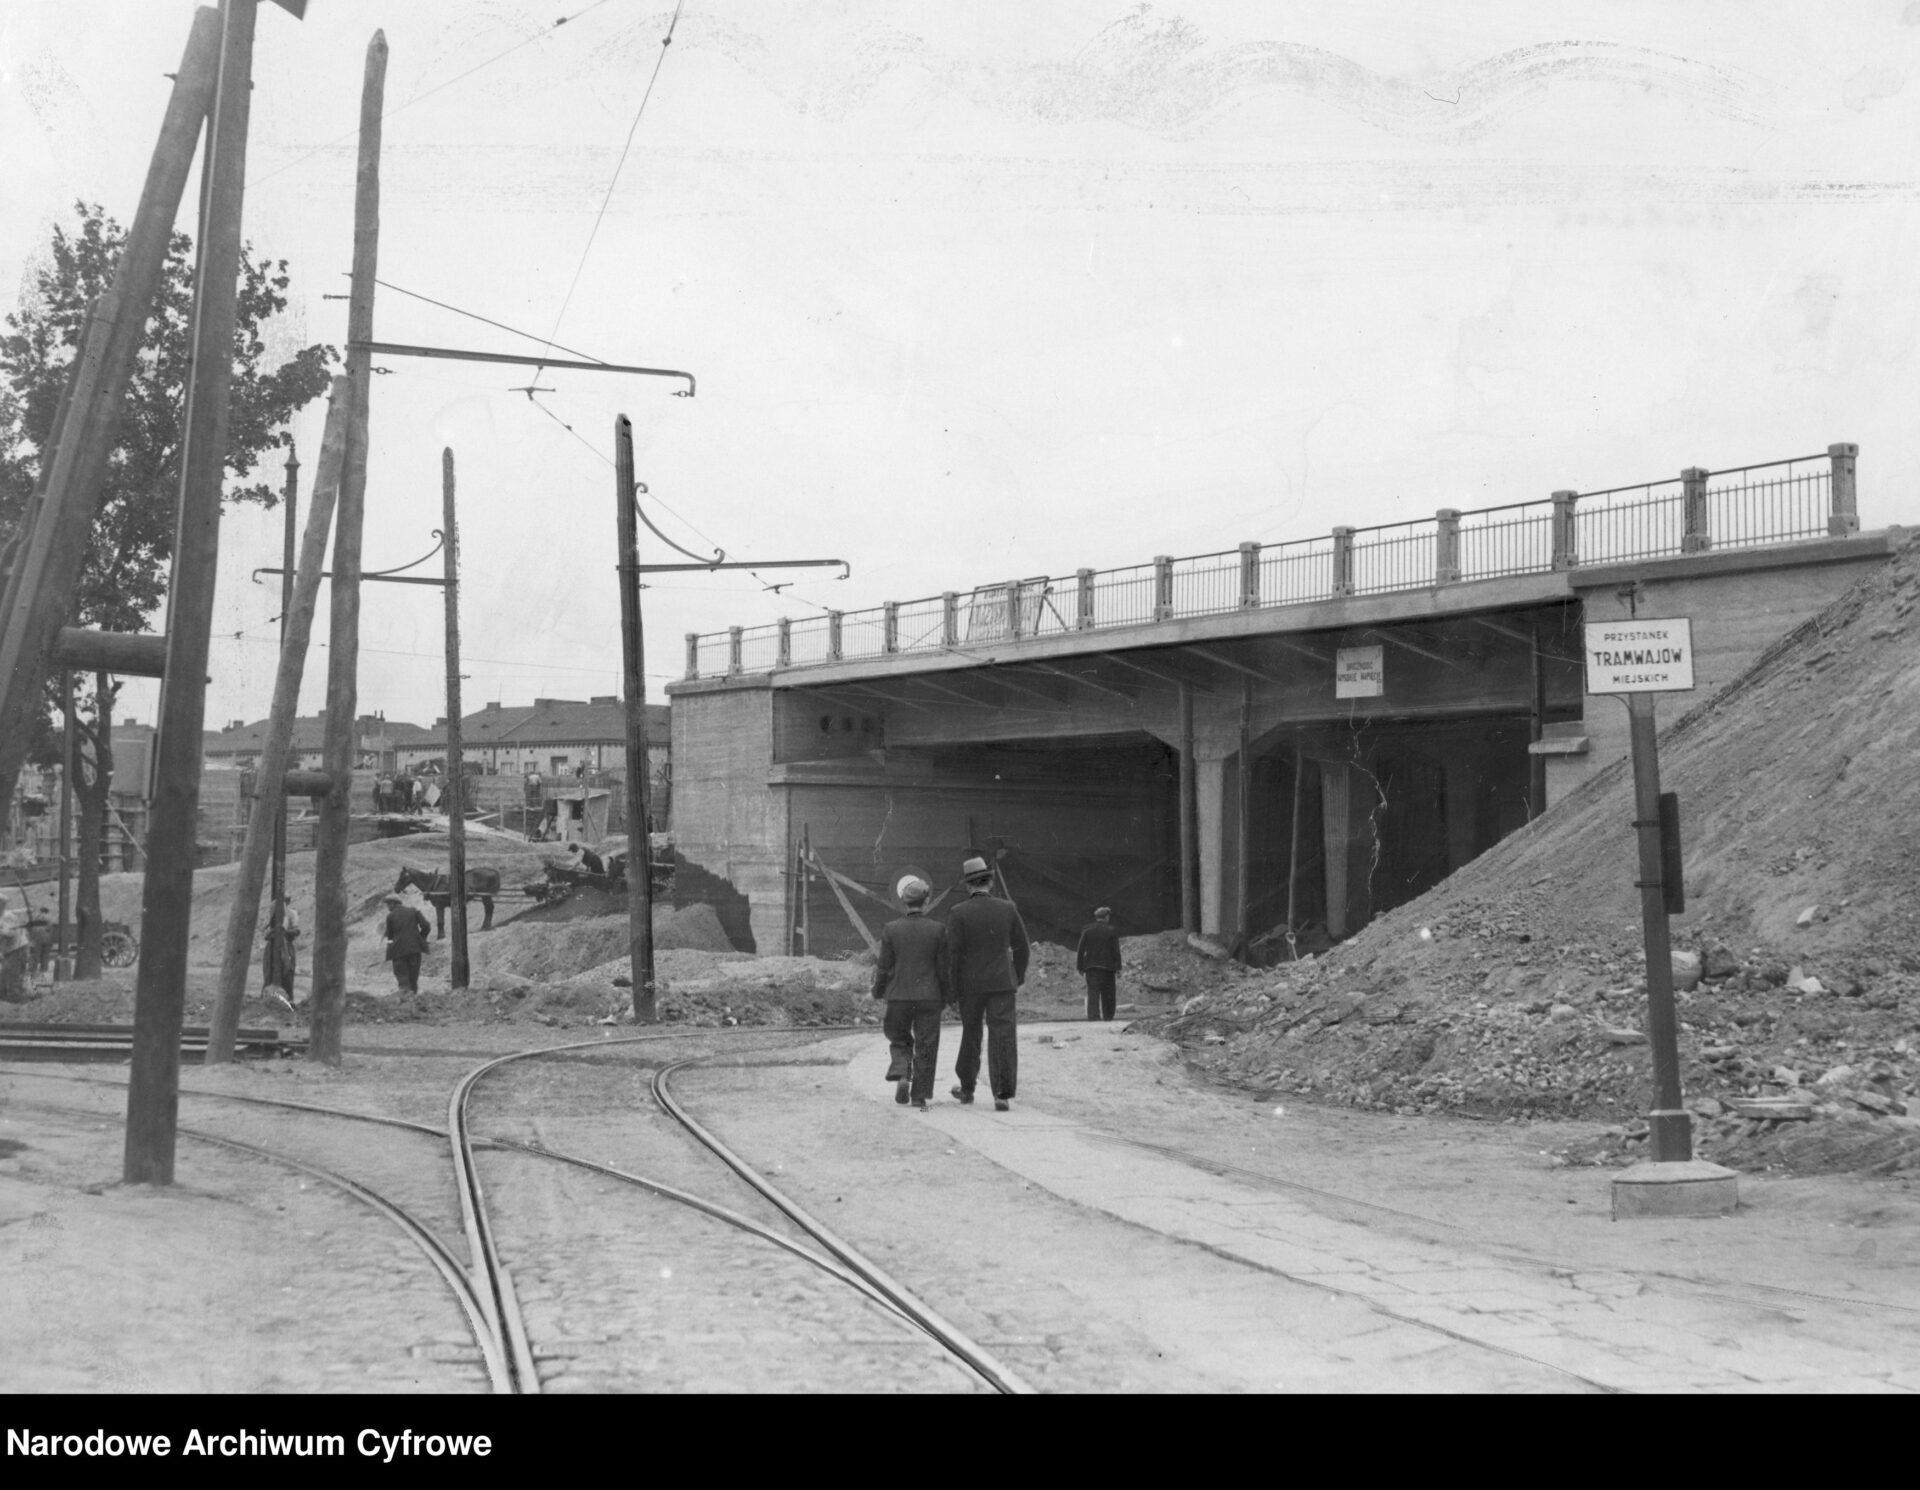 Czarno białe zdjęcie. Wiadukt wbudowie, poprawej stronie kupa gruzu. Wstronę wiaduktu kroczy kilku mężczyzn.